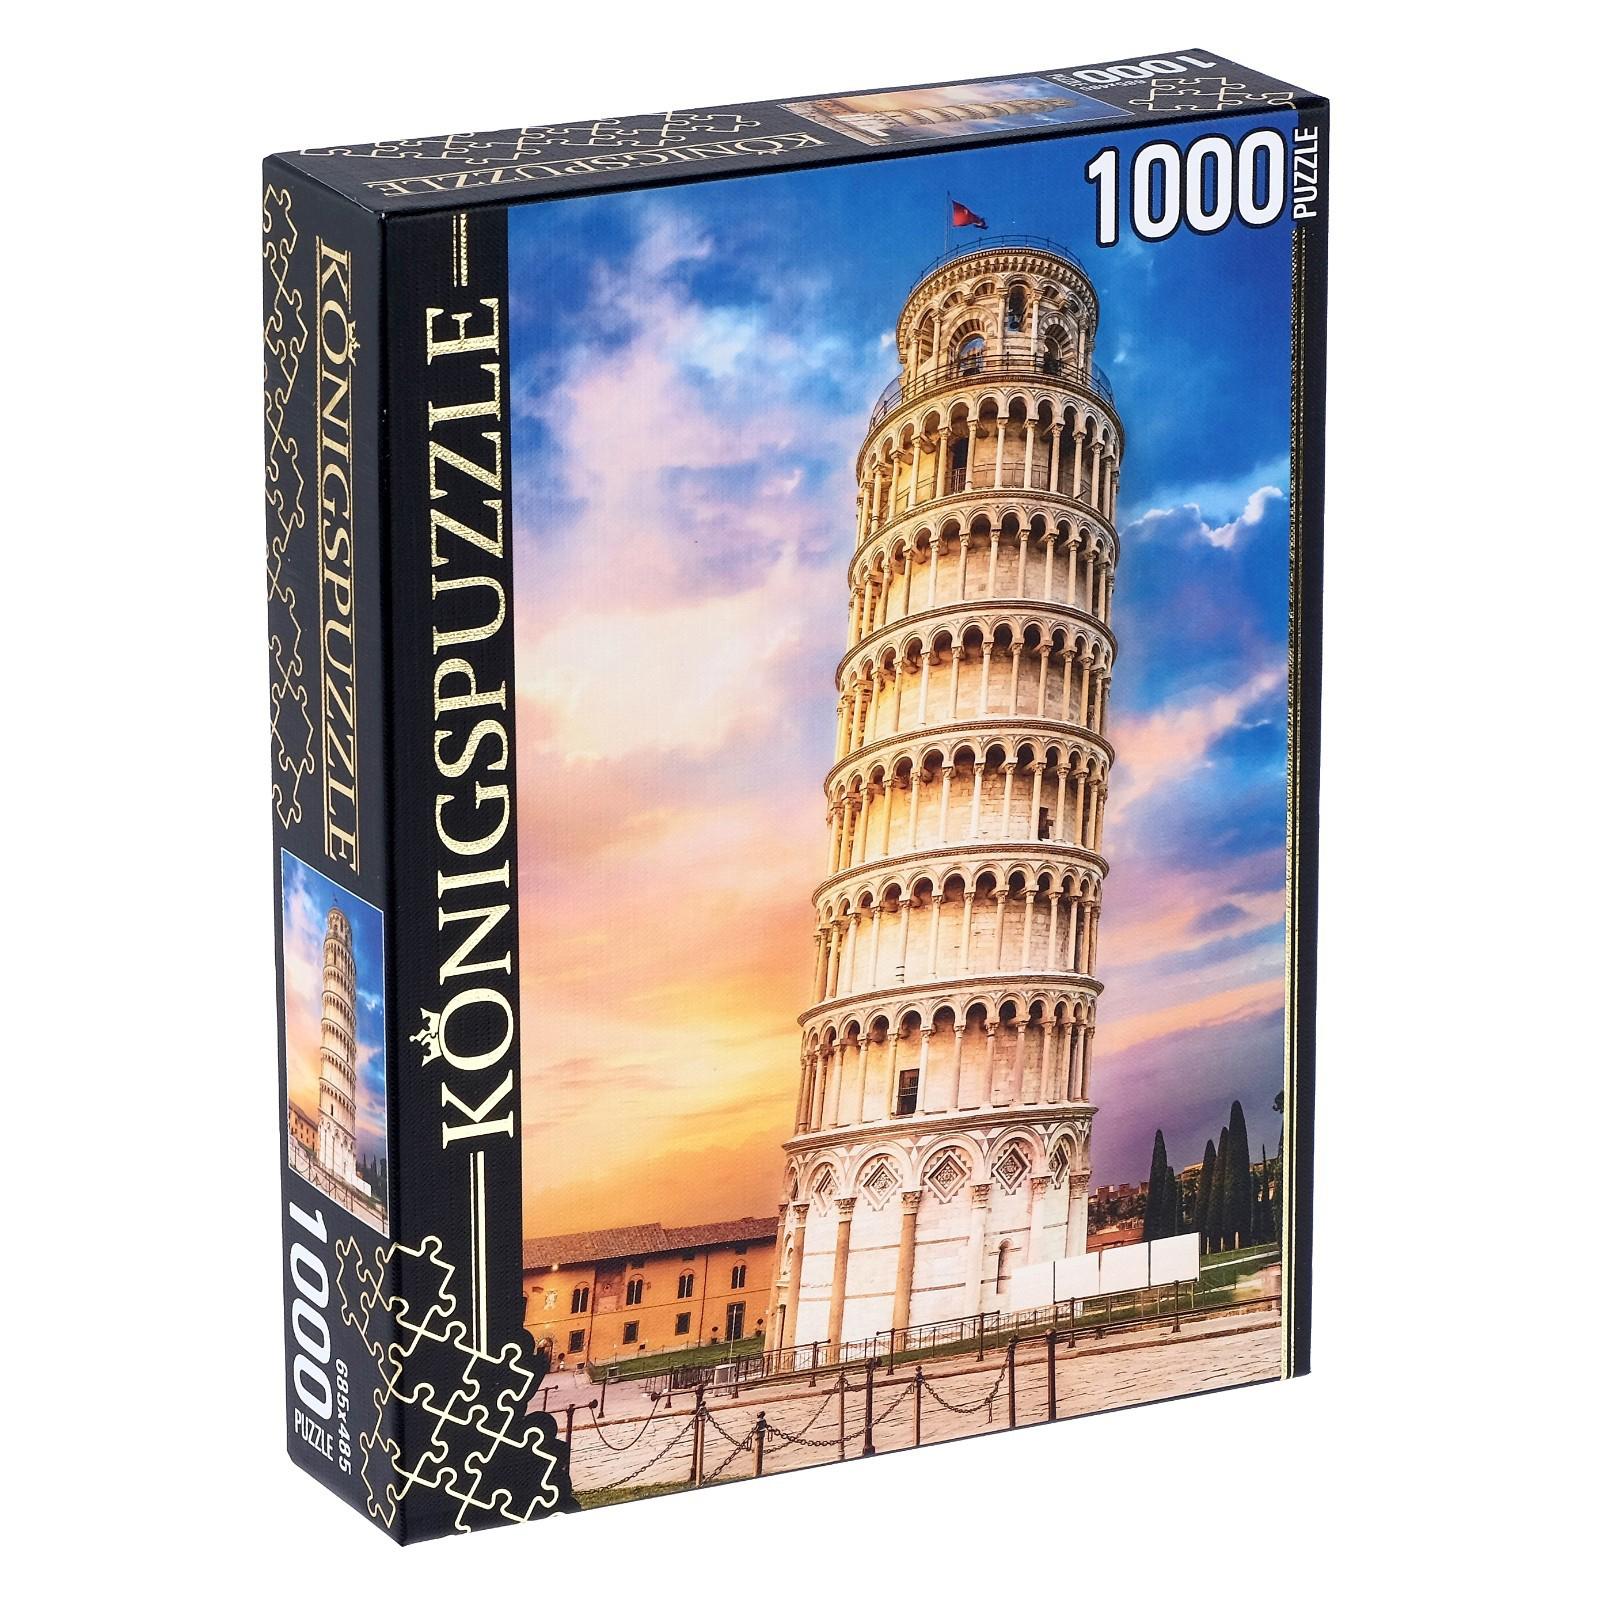 Пазлы Konigspuzzle. Италия. Пизанская башня, 1000 элементов ГИК1000-8228